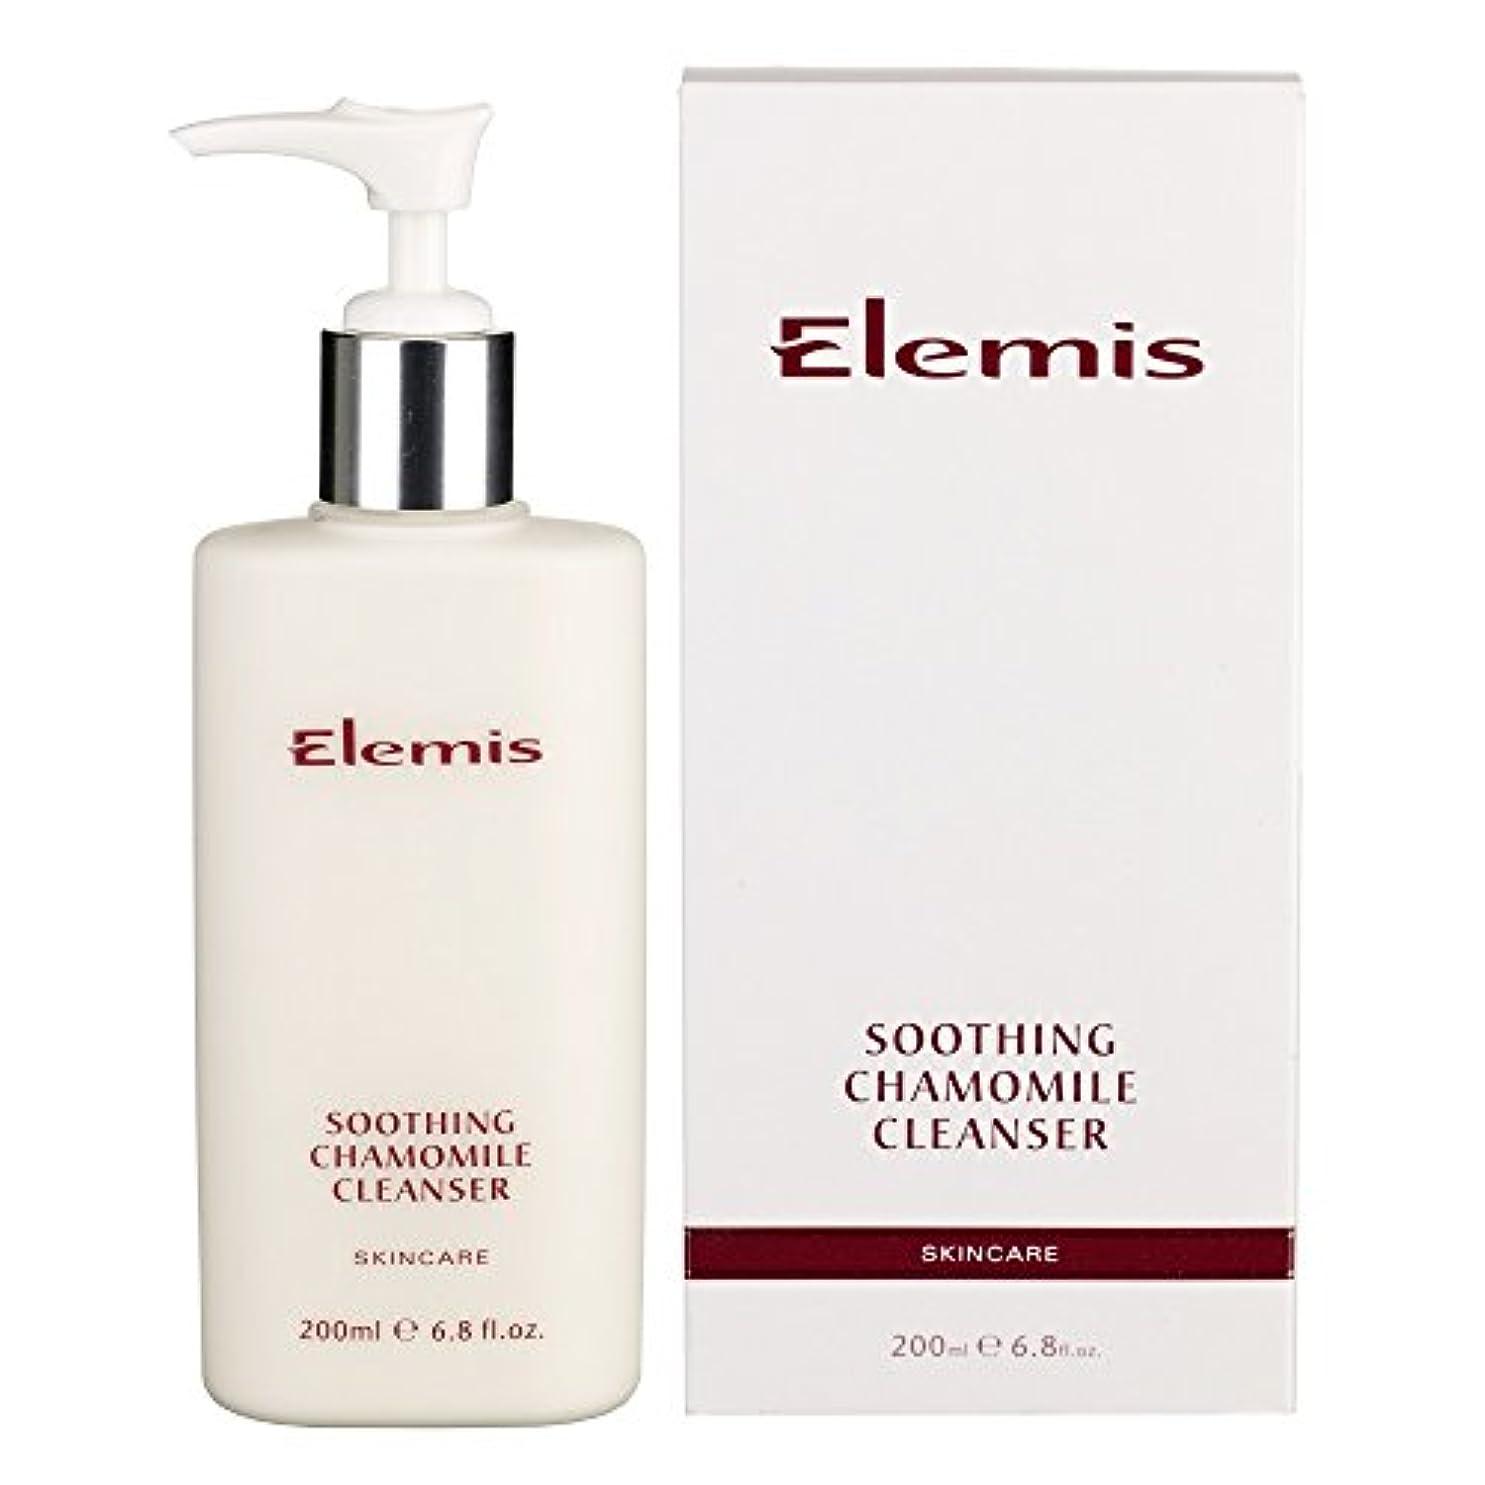 貫通重要検索エンジンマーケティングエレミスはカモミールクレンザーをなだめるスキンケア (Elemis) - Elemis Skincare Soothing Chamomile Cleanser [並行輸入品]